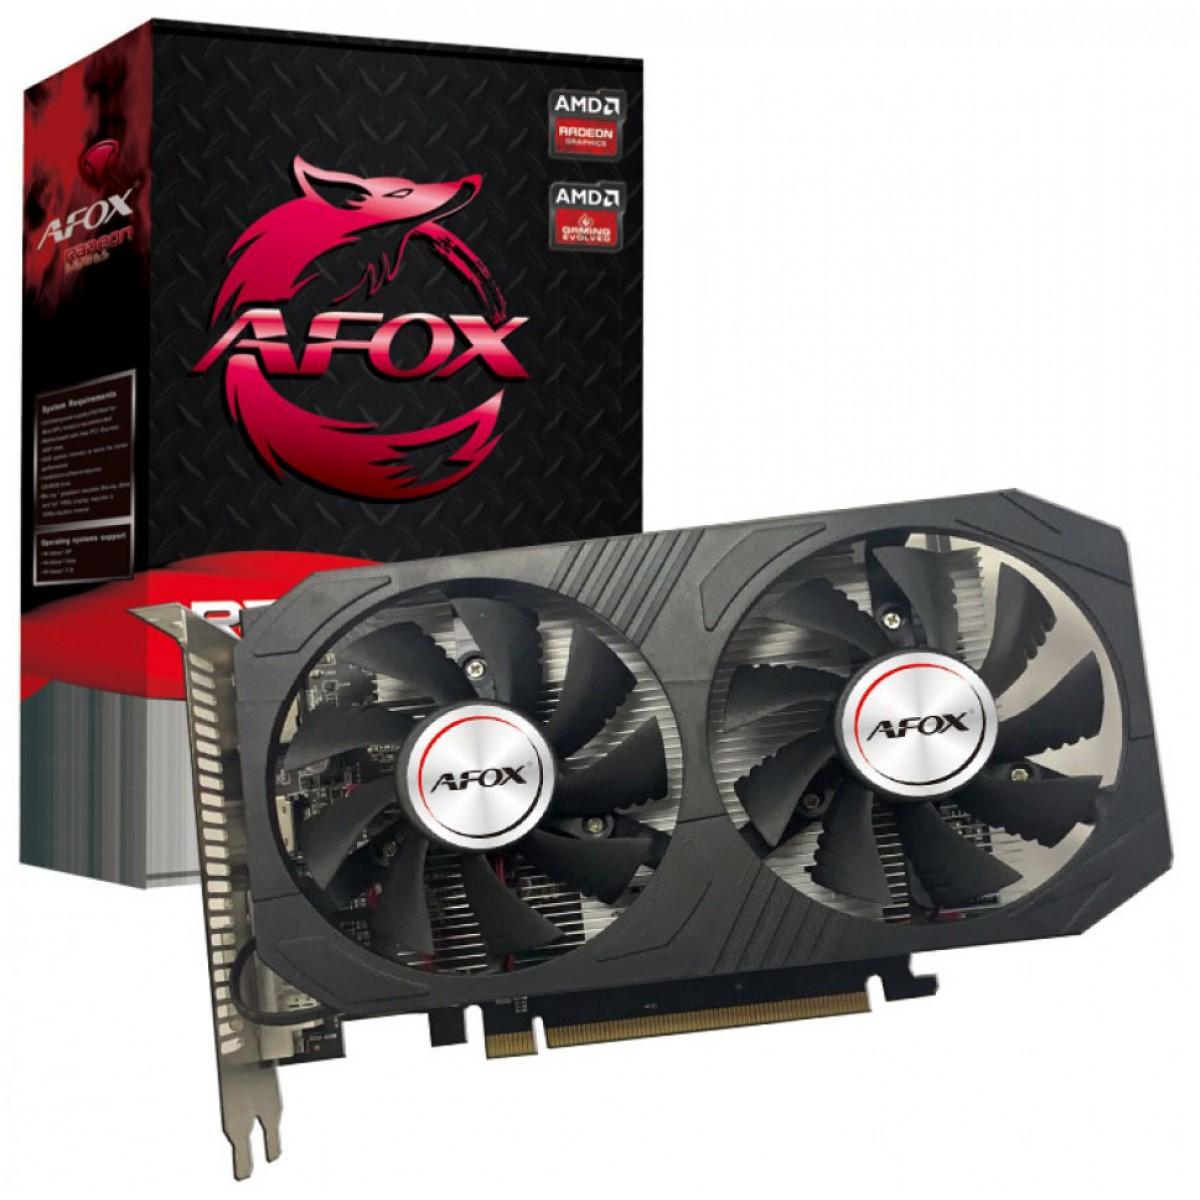 Placa de Vídeo Radeon RX 560-D, 4GB GDDR5, 128Bit, AFRX560D-4096D5H4